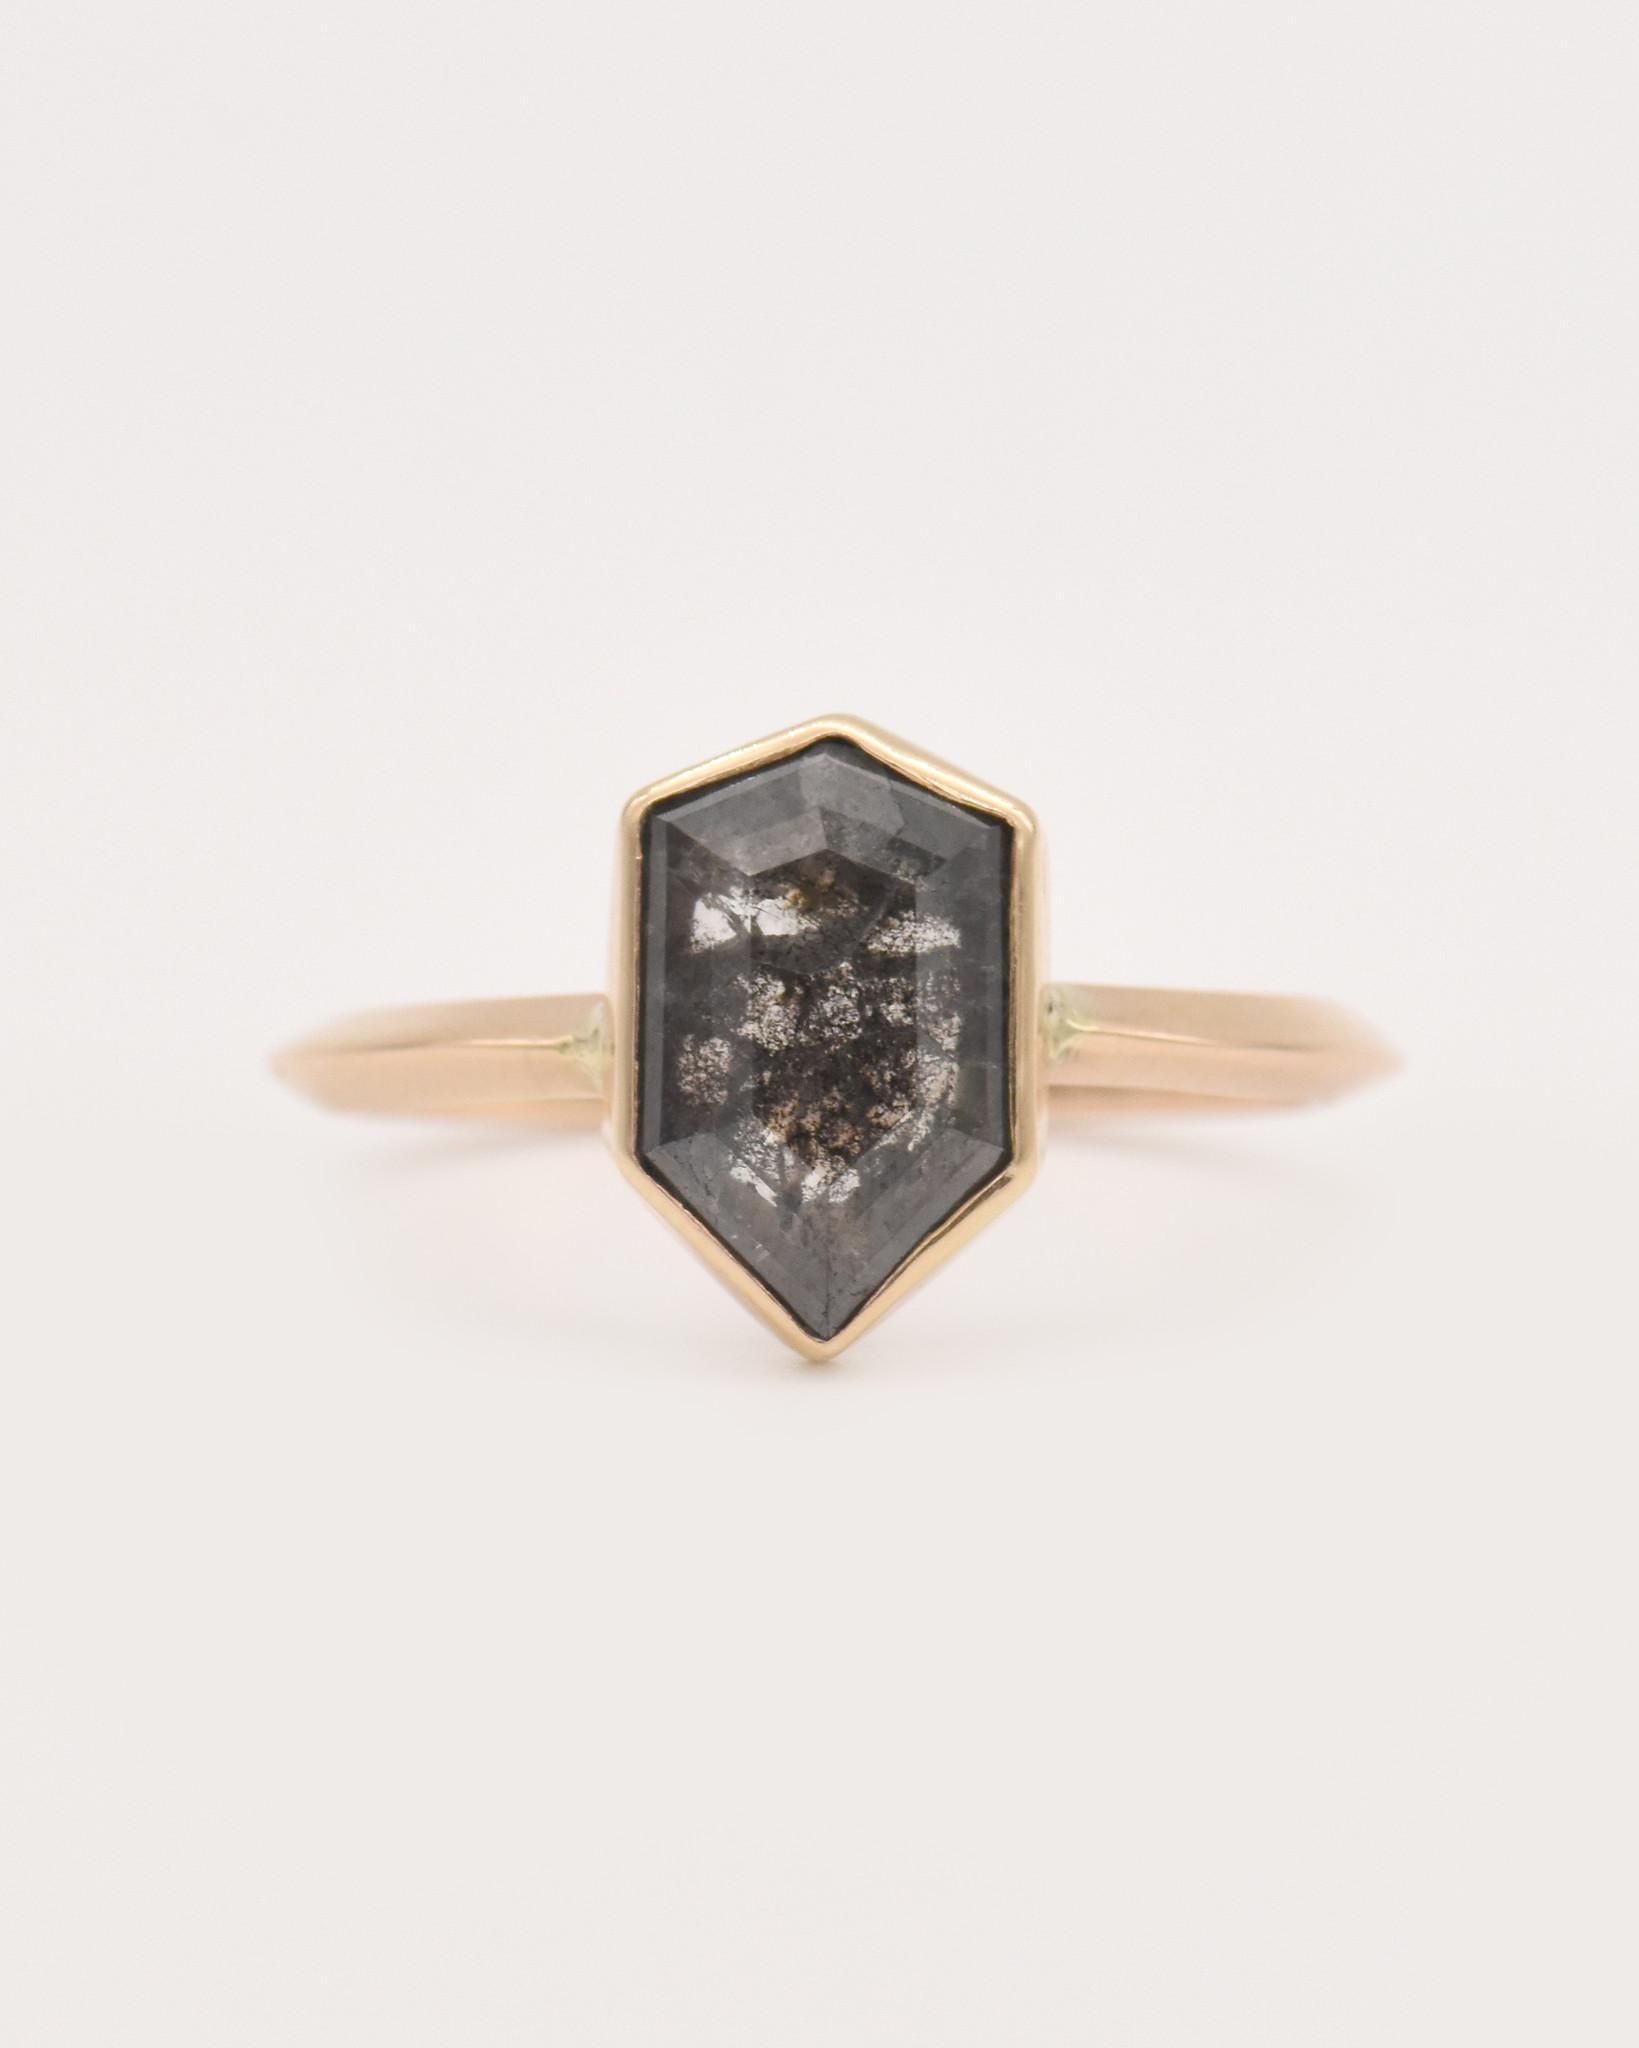 Adriatic Hex Diamond Ring